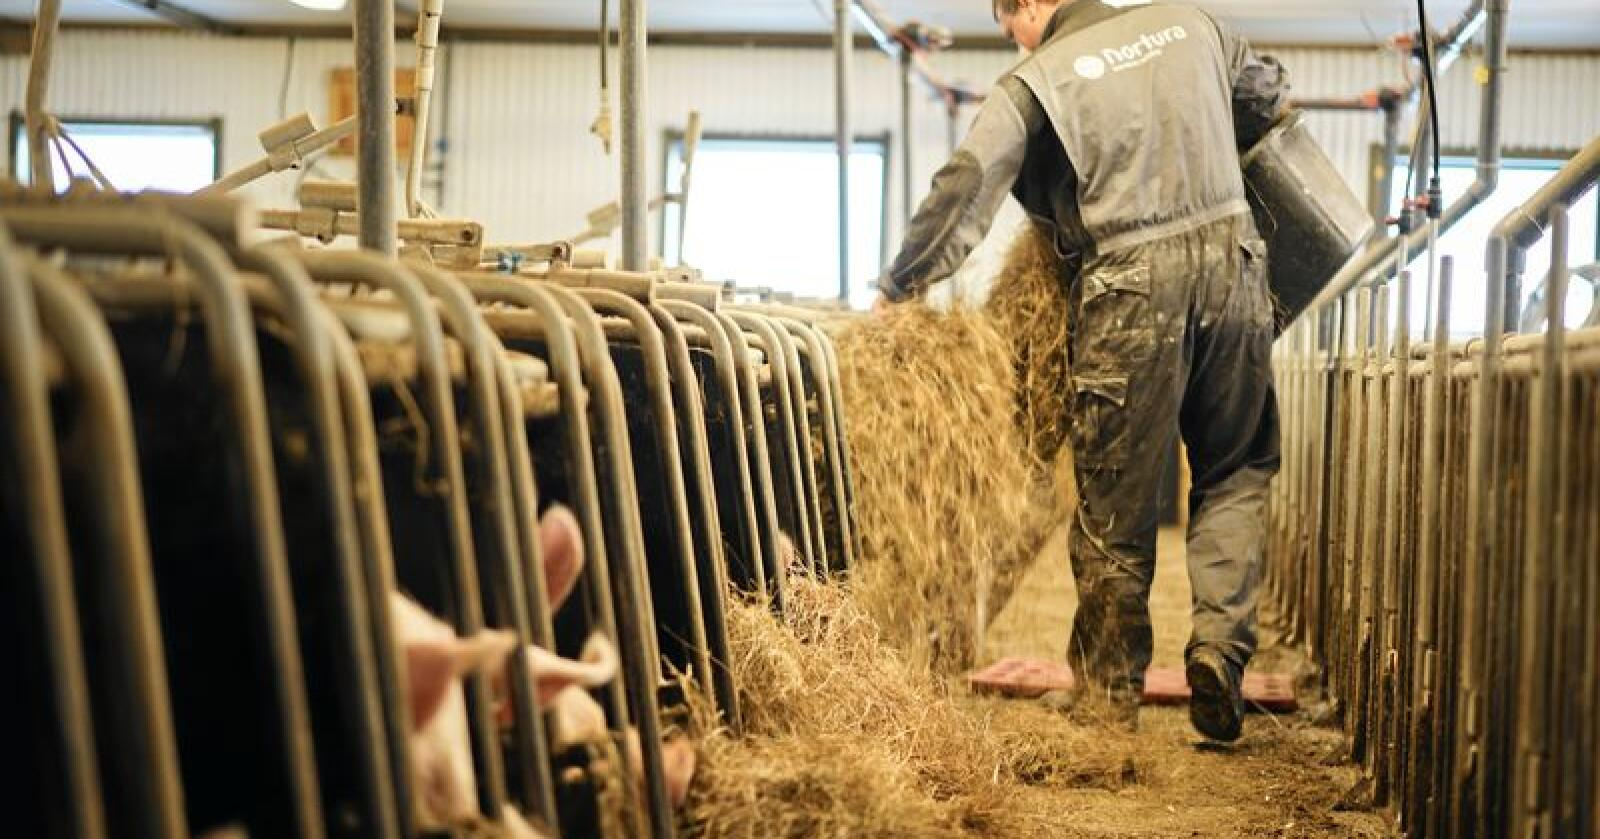 Individ eller flokkdyr: Er det bonden eller landbruksministeren som styrer utviklingen på gården? Foto: Benjamin Vogl